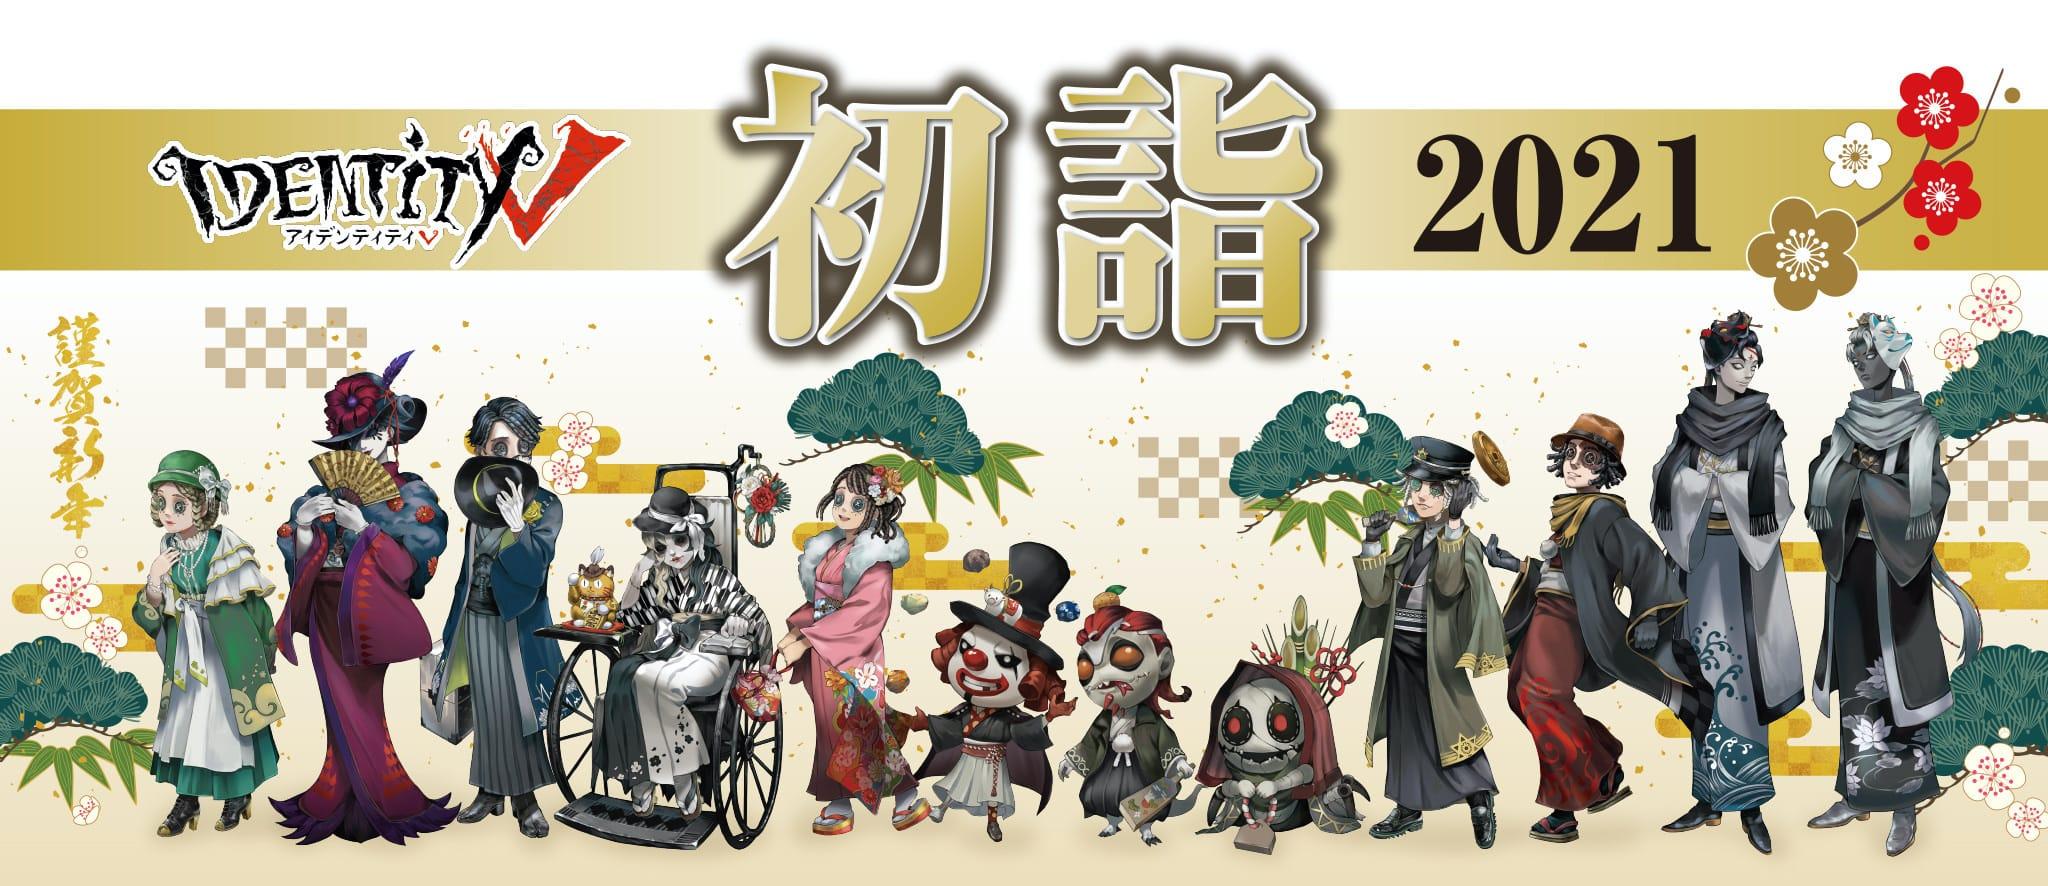 IdentityV 第五人格 初詣 2021 in マルイ&ハンズ&ヴィレヴァン 1.2-13 開催!